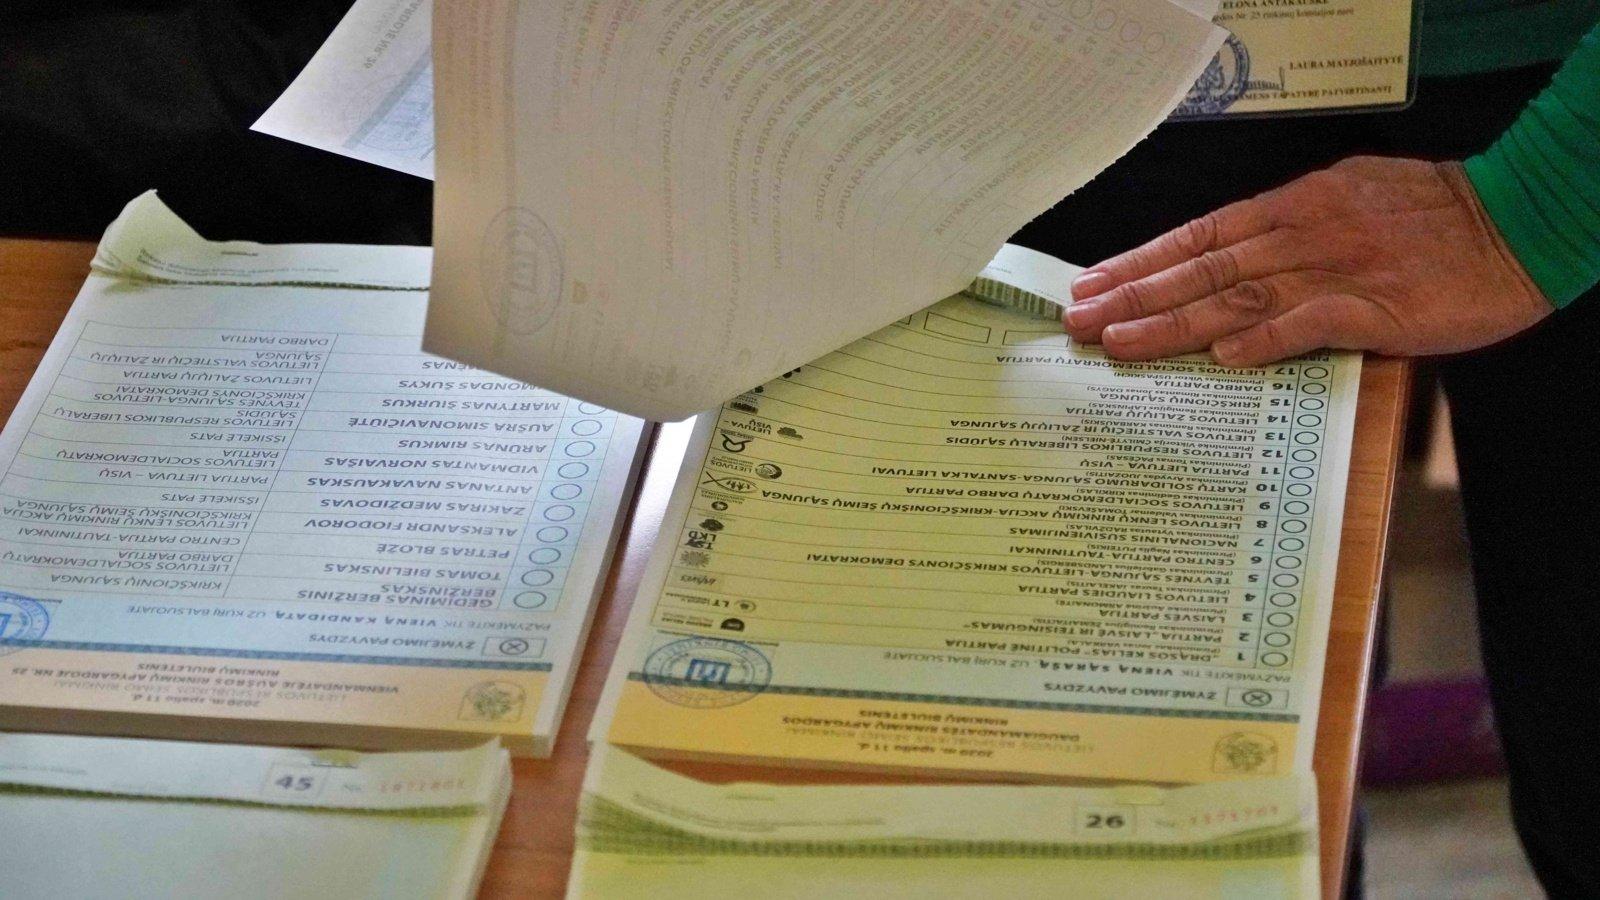 Seimo rinkimuose jau balsavo 12,43 proc., pridėjus išankstinį balsavimą – 23,72 proc. rinkėjų